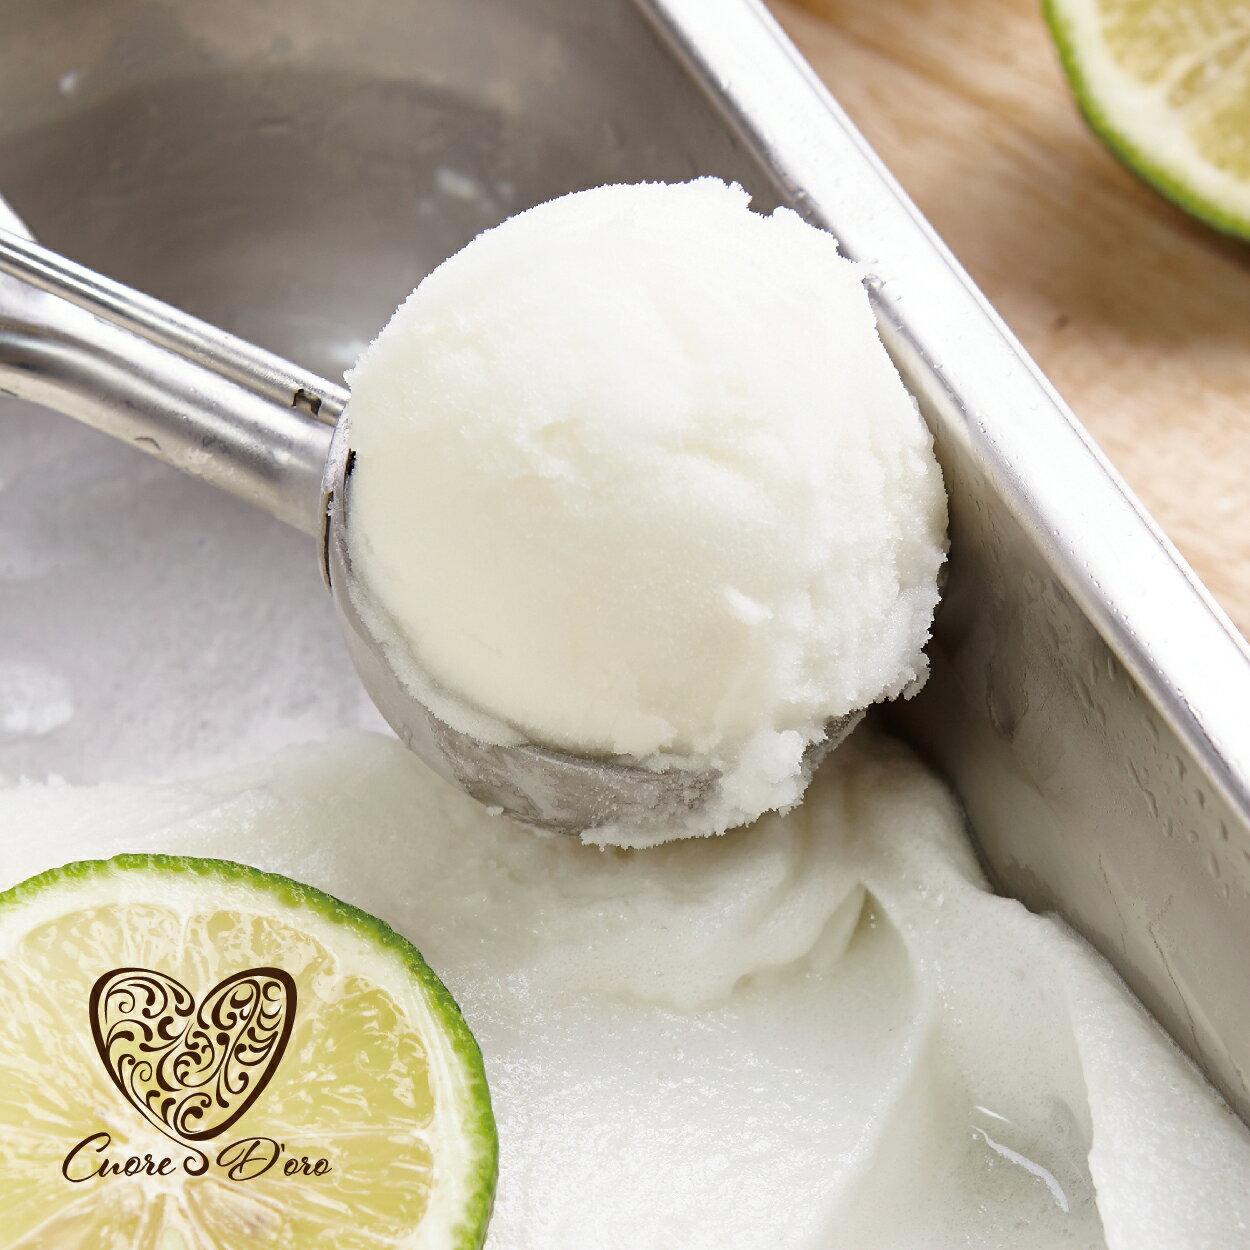 ~檸檬X金心盈福義式冰淇淋~ ,堅持天然食材,健康低脂,無添加香精色素